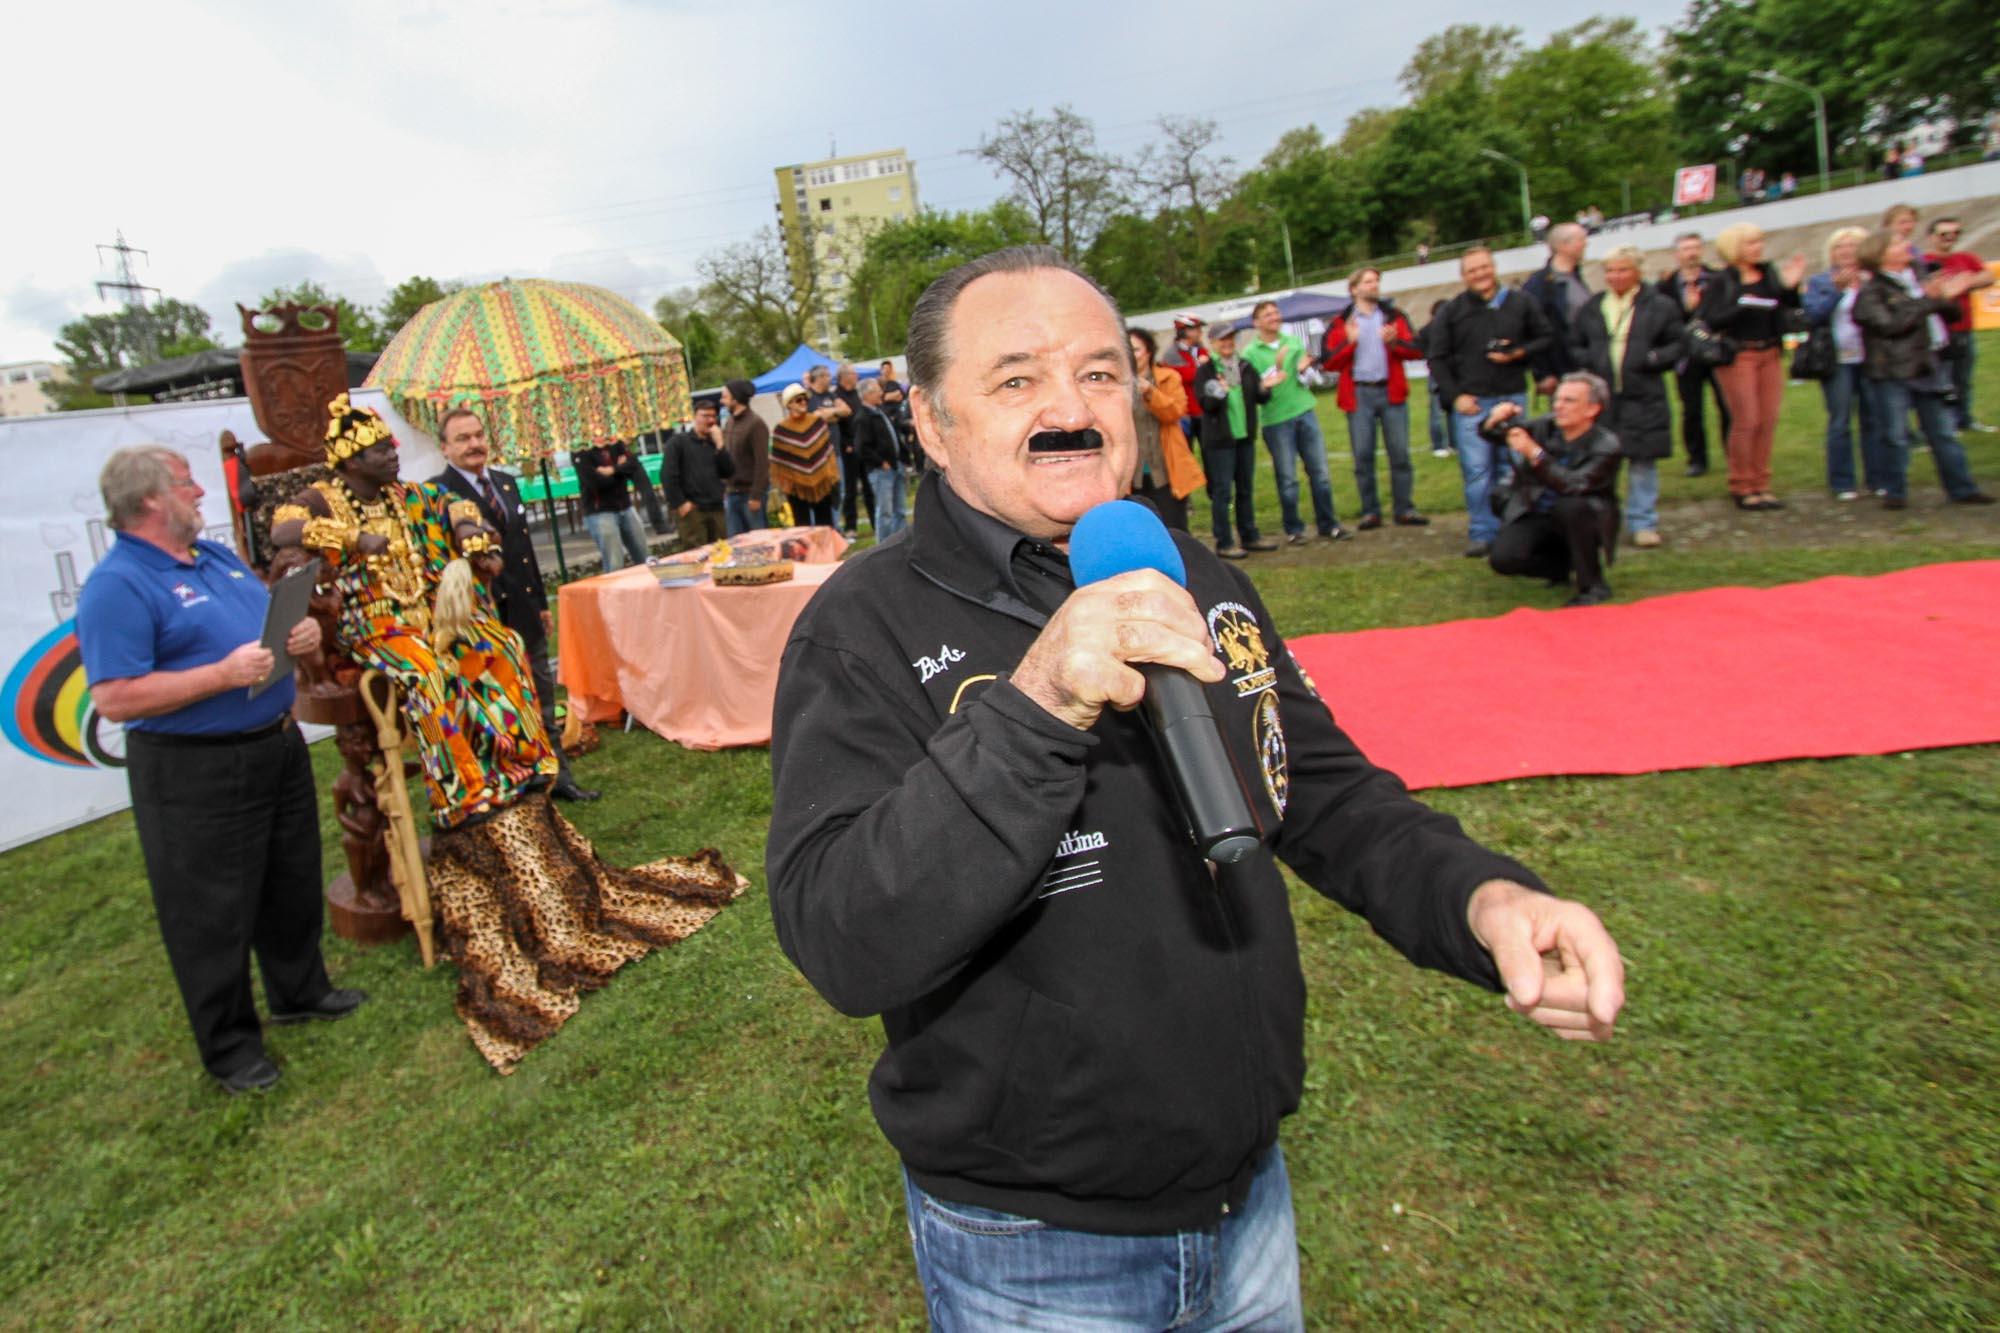 Hans Freistadt singt die World-Klapp-Hymne.